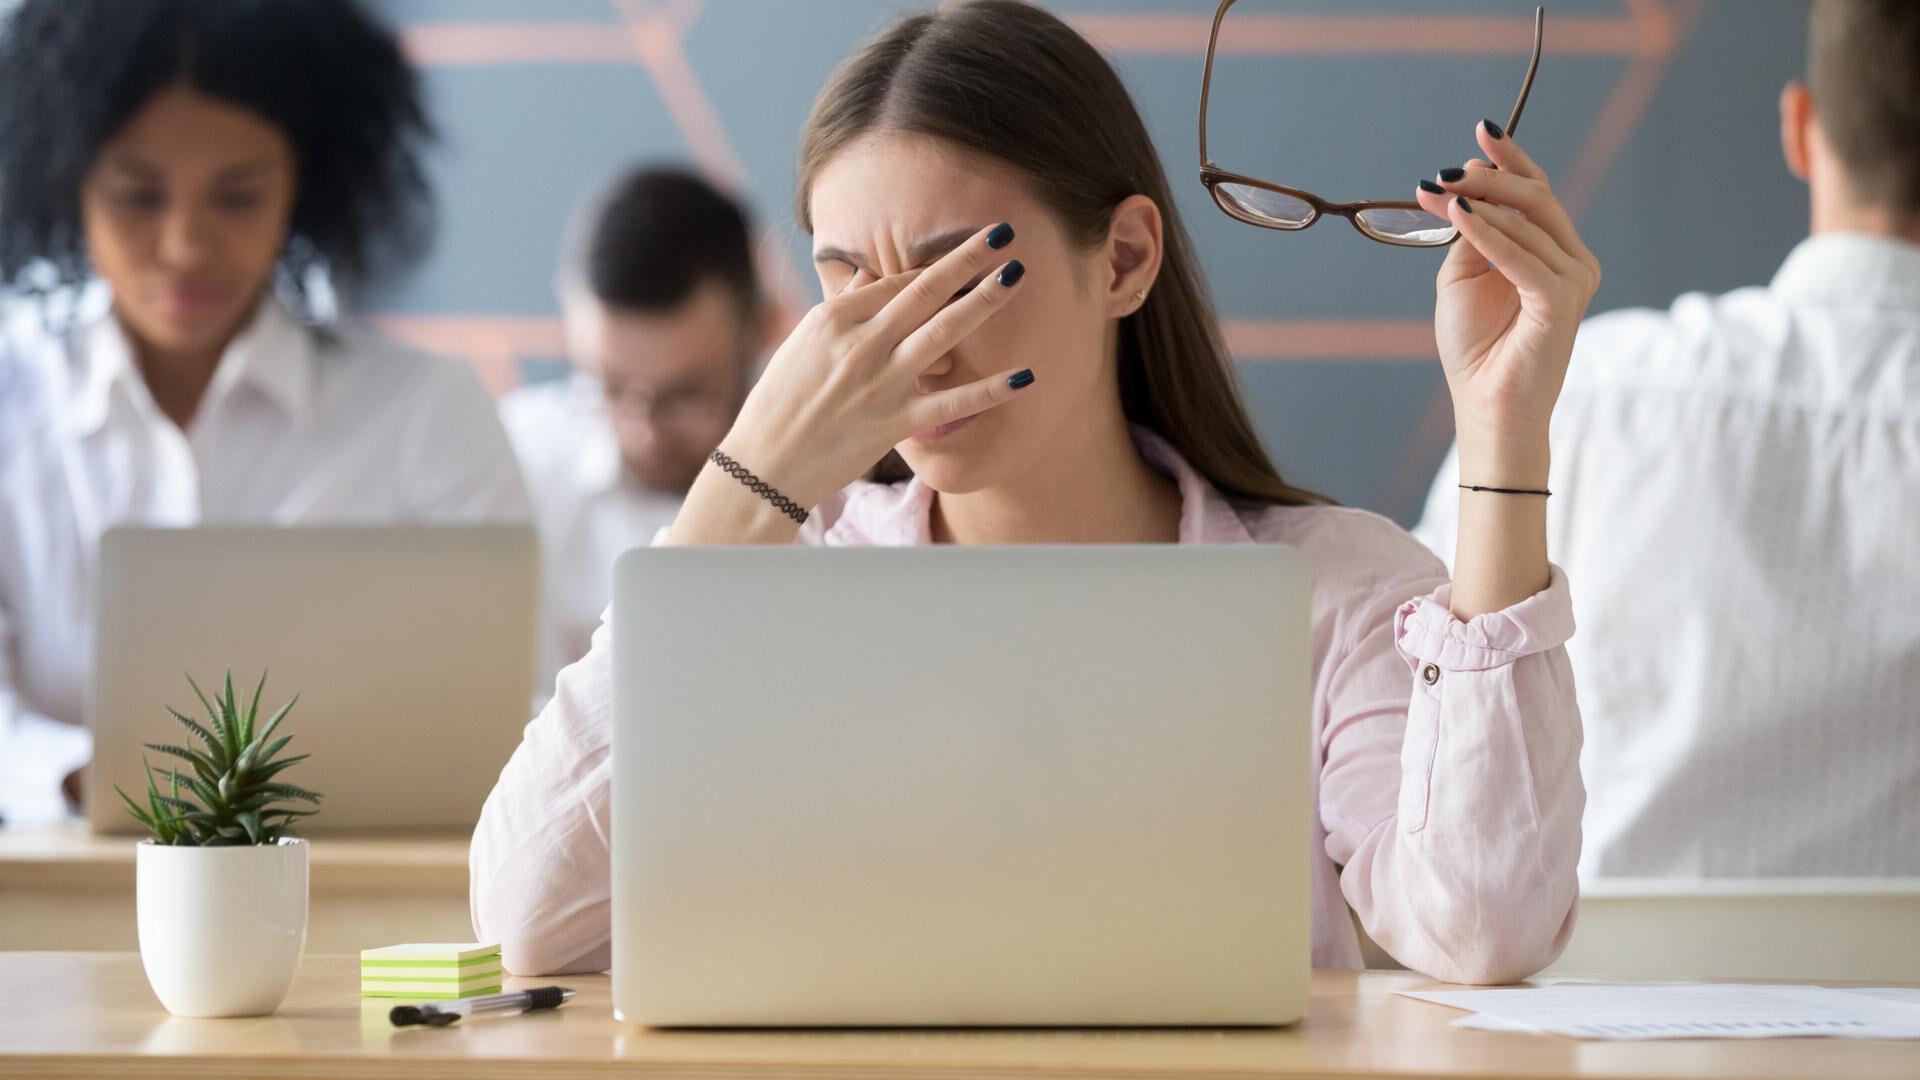 Kuivat silmät ovat yleinen vaiva, joka kannattaa hoitaa ajoissa